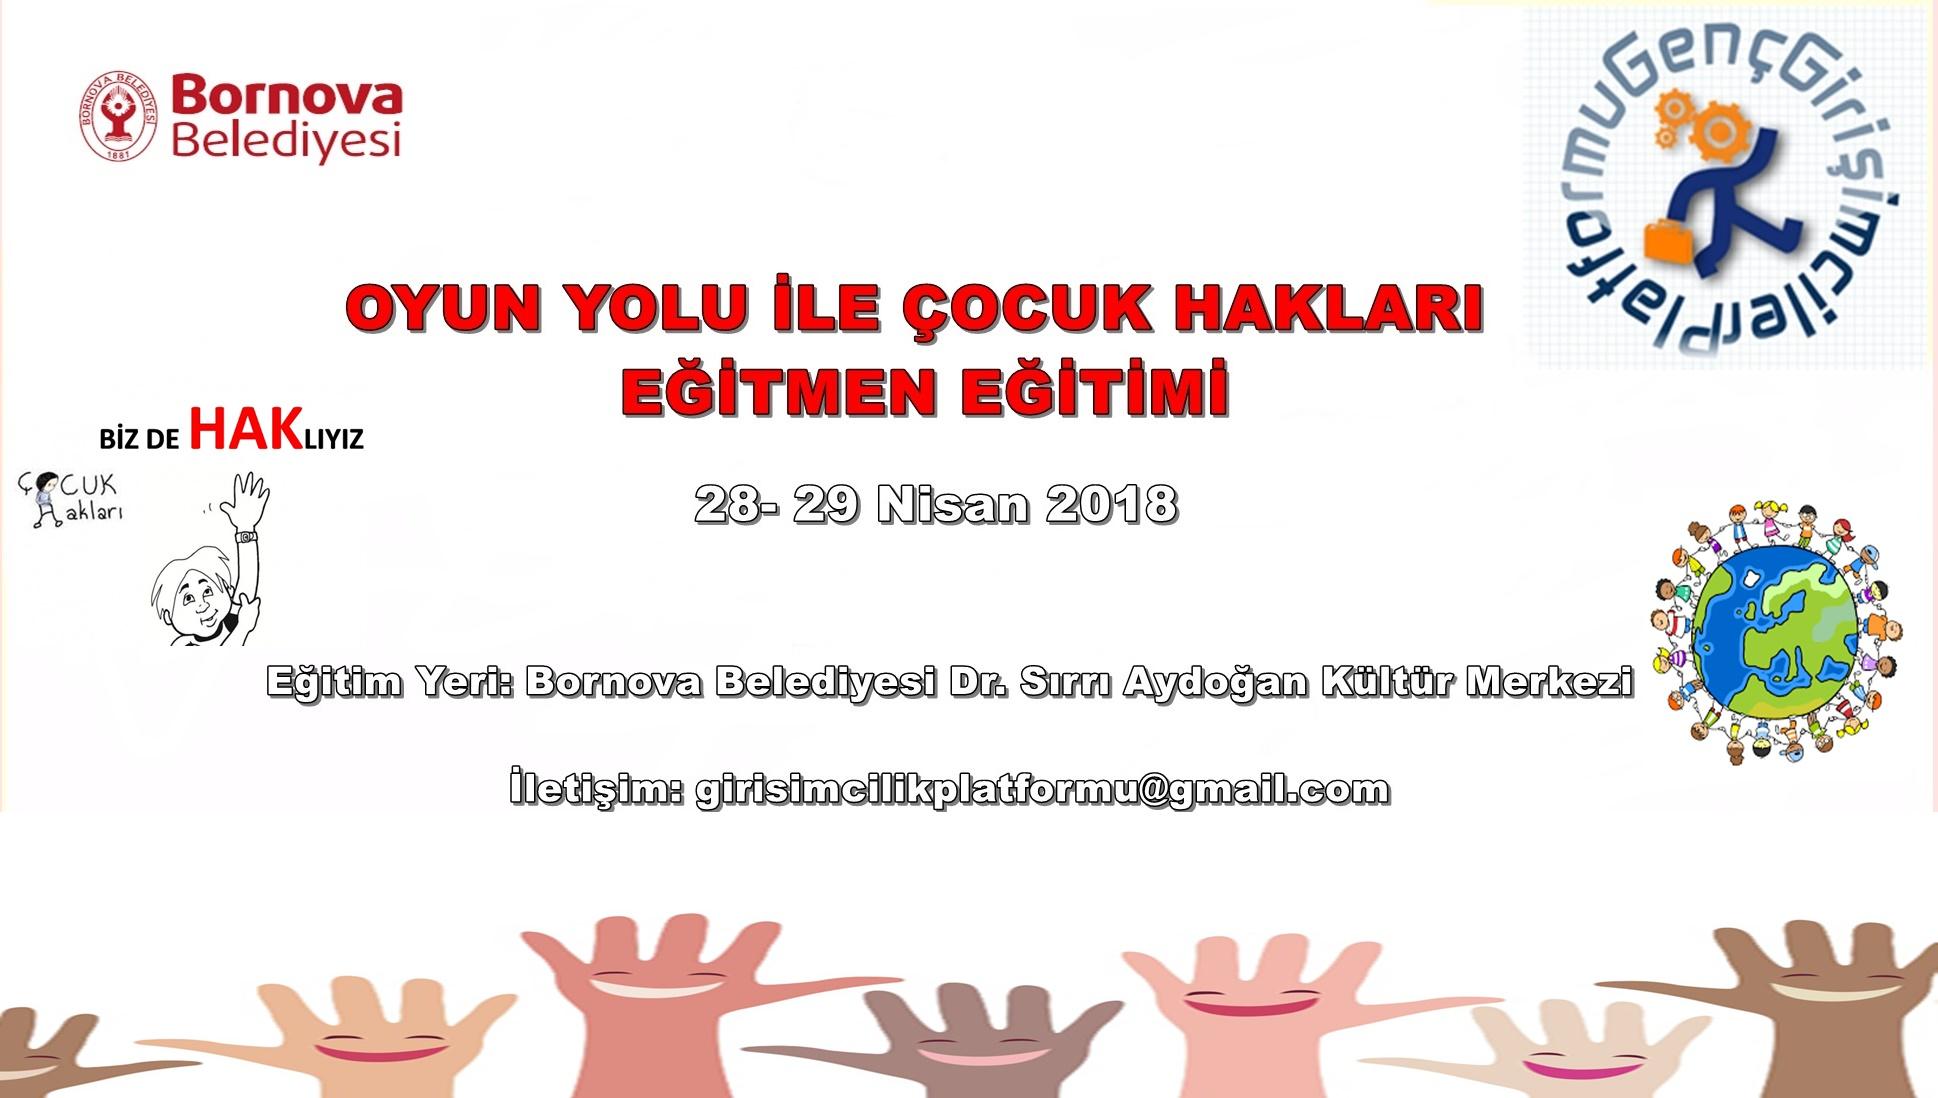 Ücretsiz Oyun Yolu İle Çocuk Hakları Eğitmen Eğitimi 28-29 Nisan 2018 - İzmir